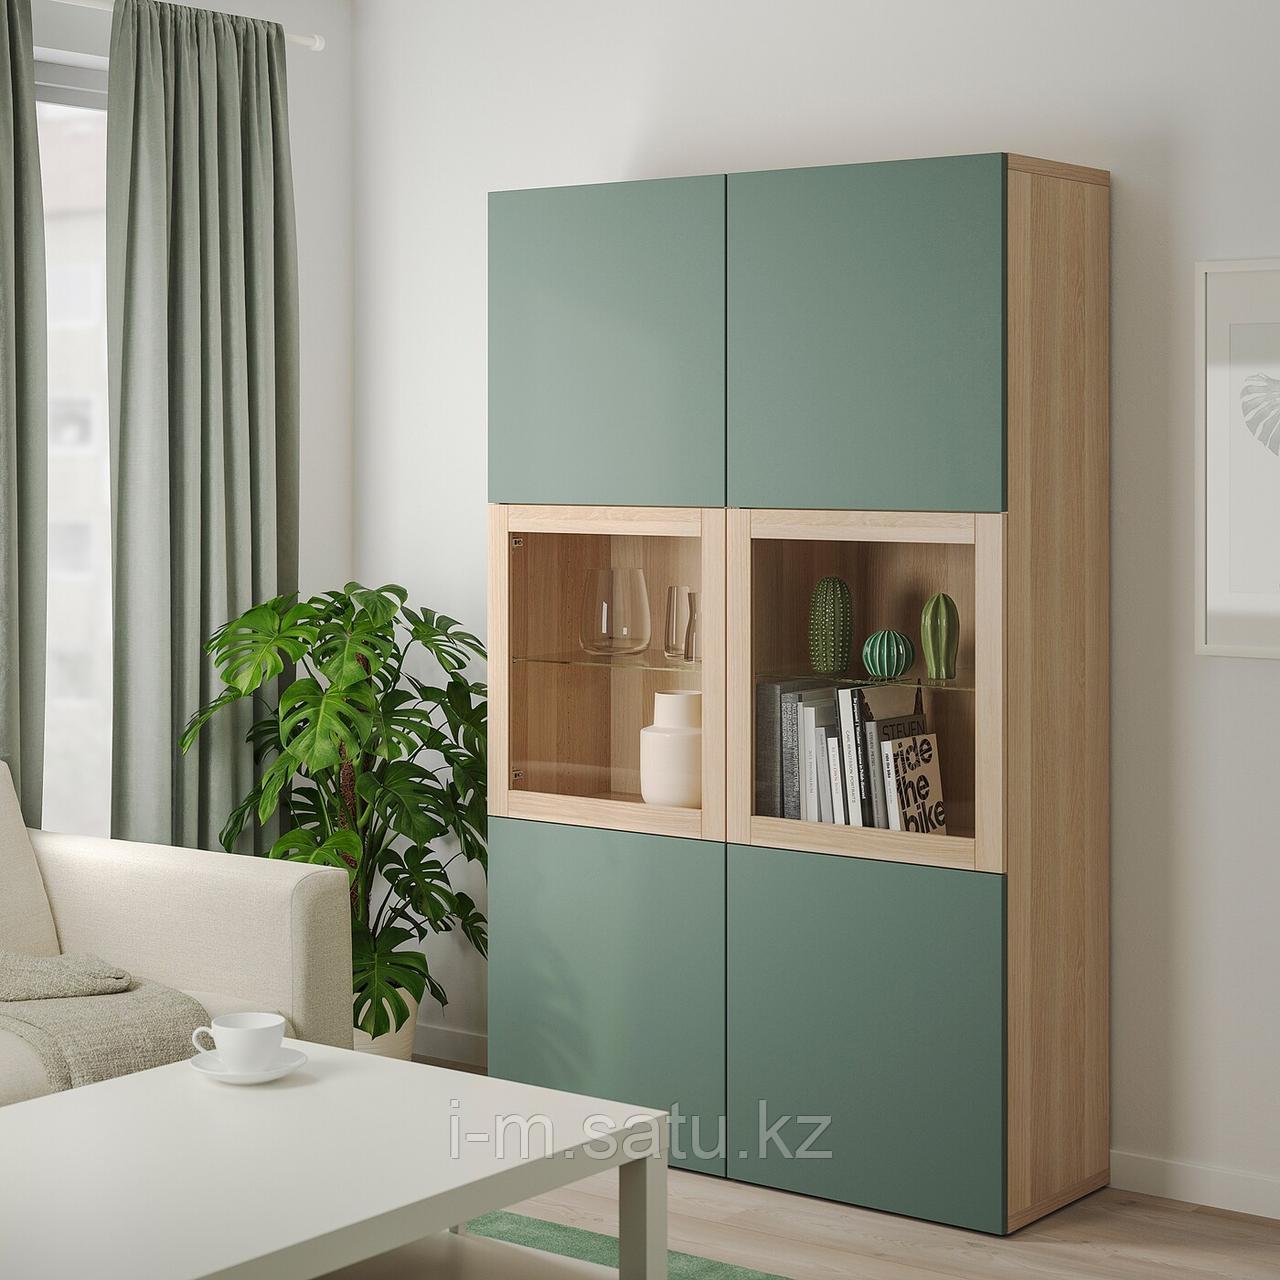 БЕСТО Комбинация д/хранения+стекл дверц, под беленый дуб, Нотвикен серо-зеленый  120x42x192 см